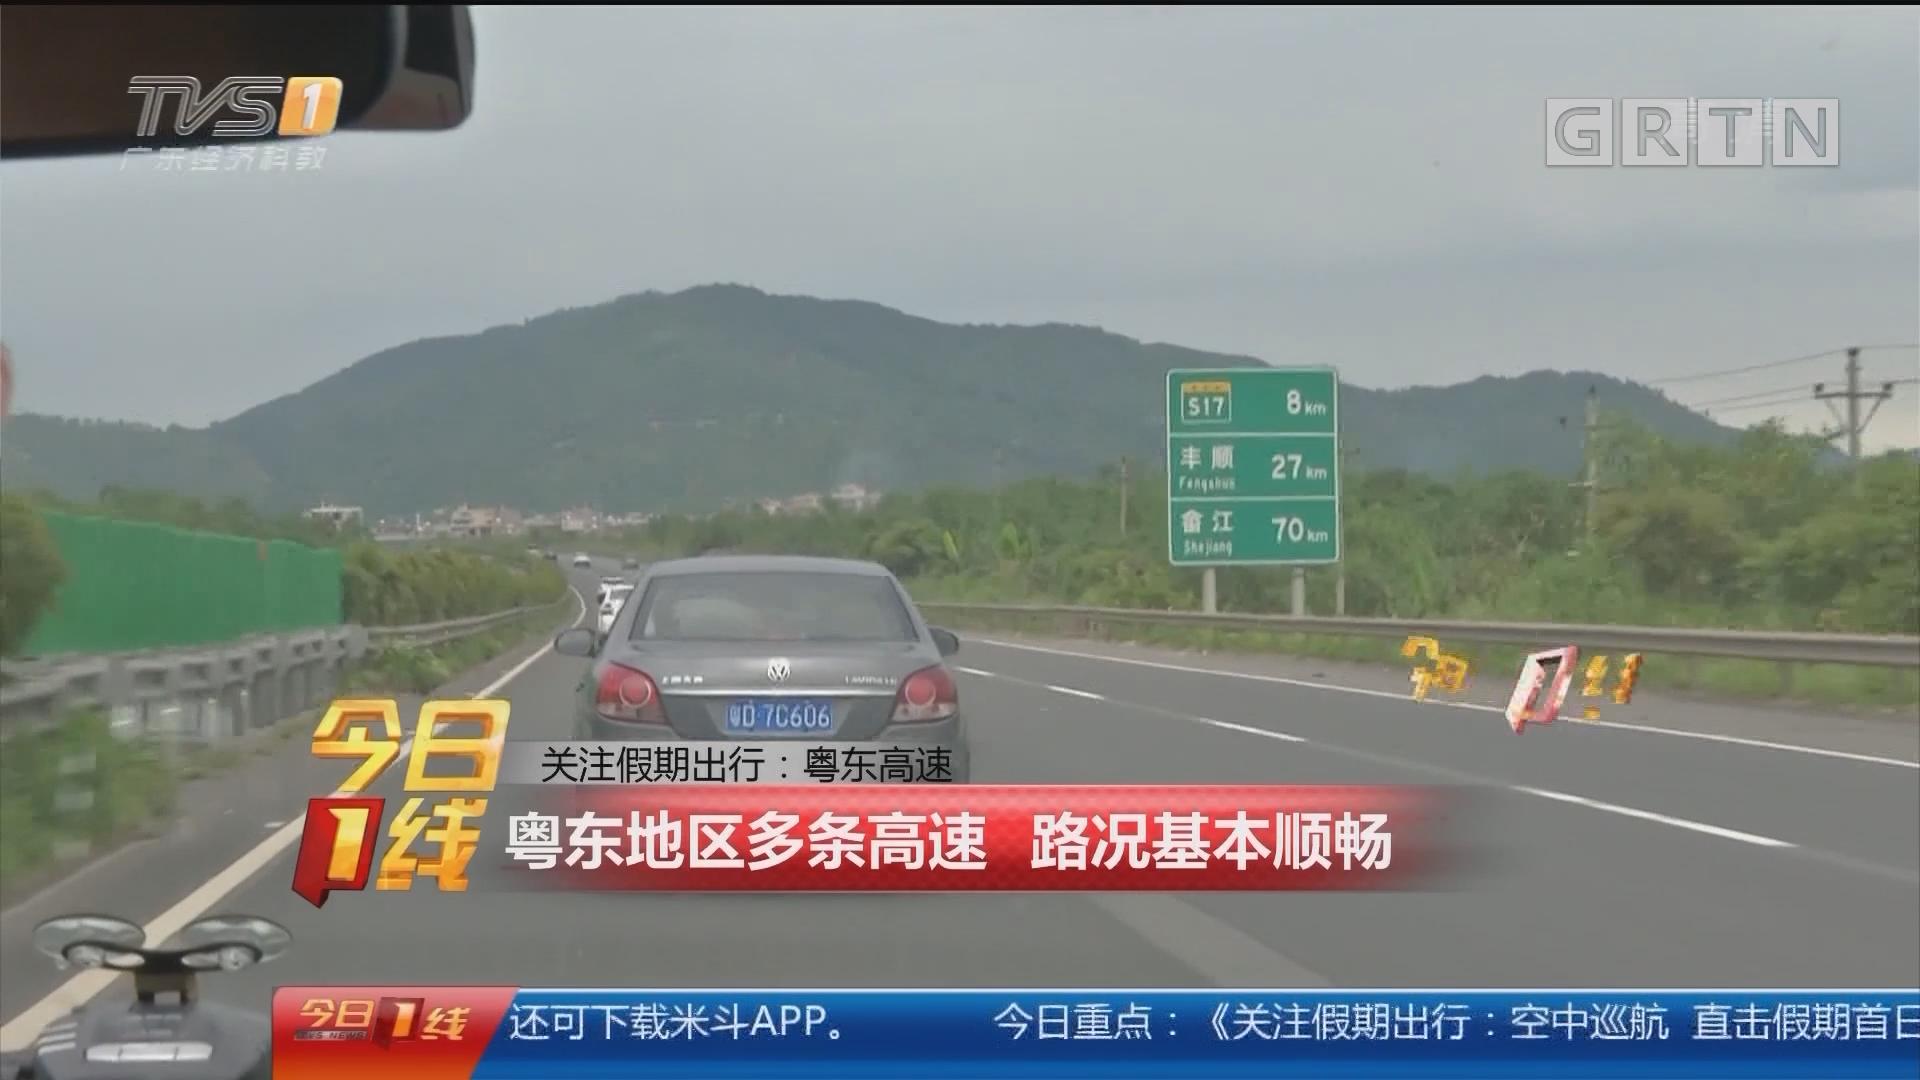 关注假期出行:粤东高速 粤东地区多条高速 路况基本顺畅